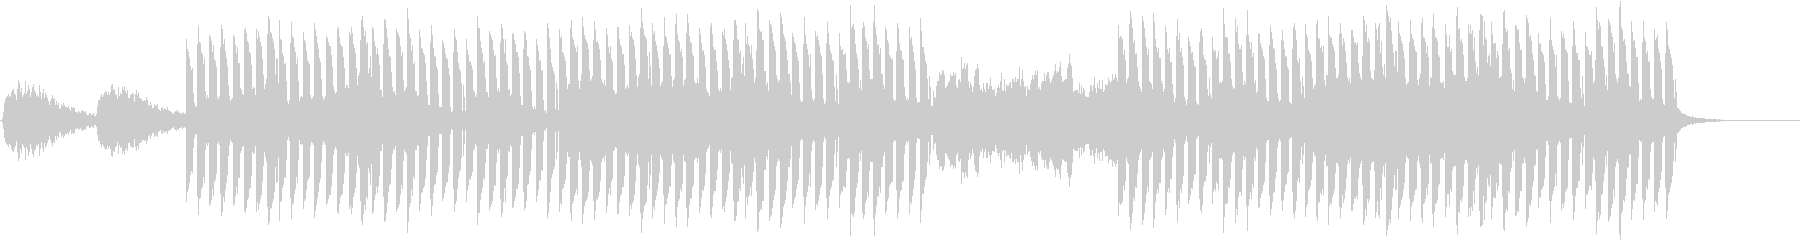 おしゃれかっこいいEDMジングル5の未再生の波形